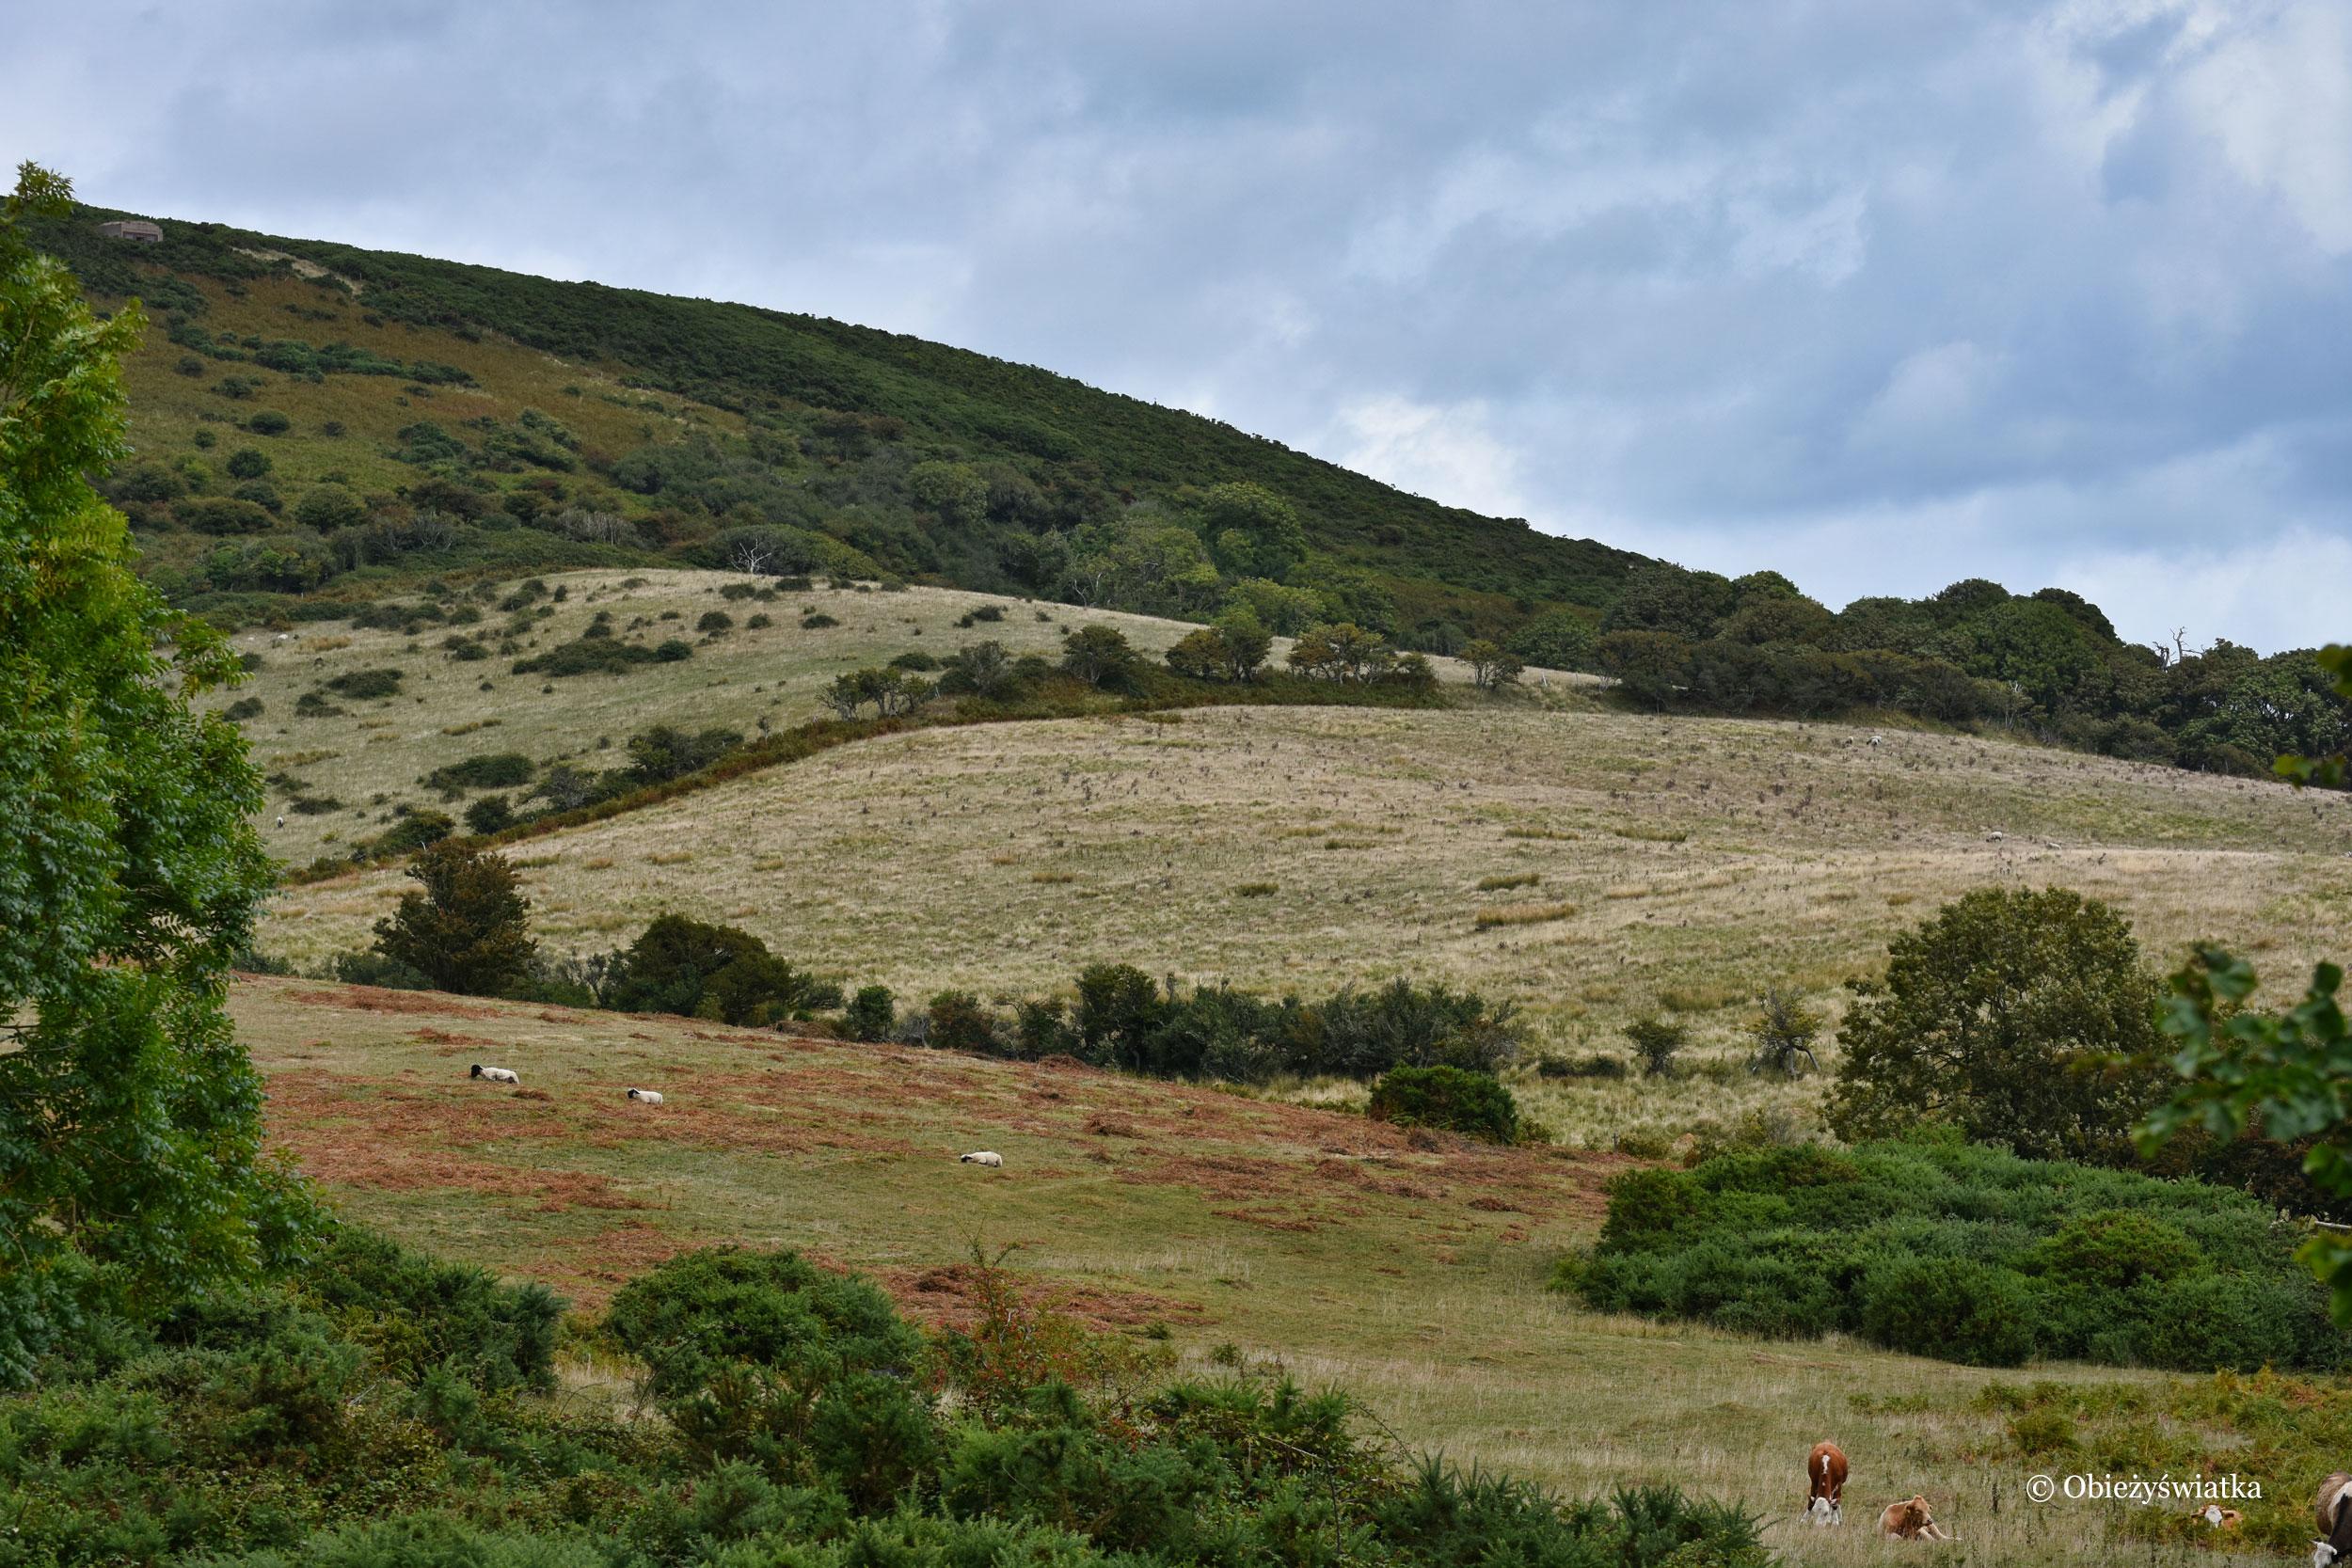 Tyneham-sielankowy krajobraz w hrabstwie Dorset